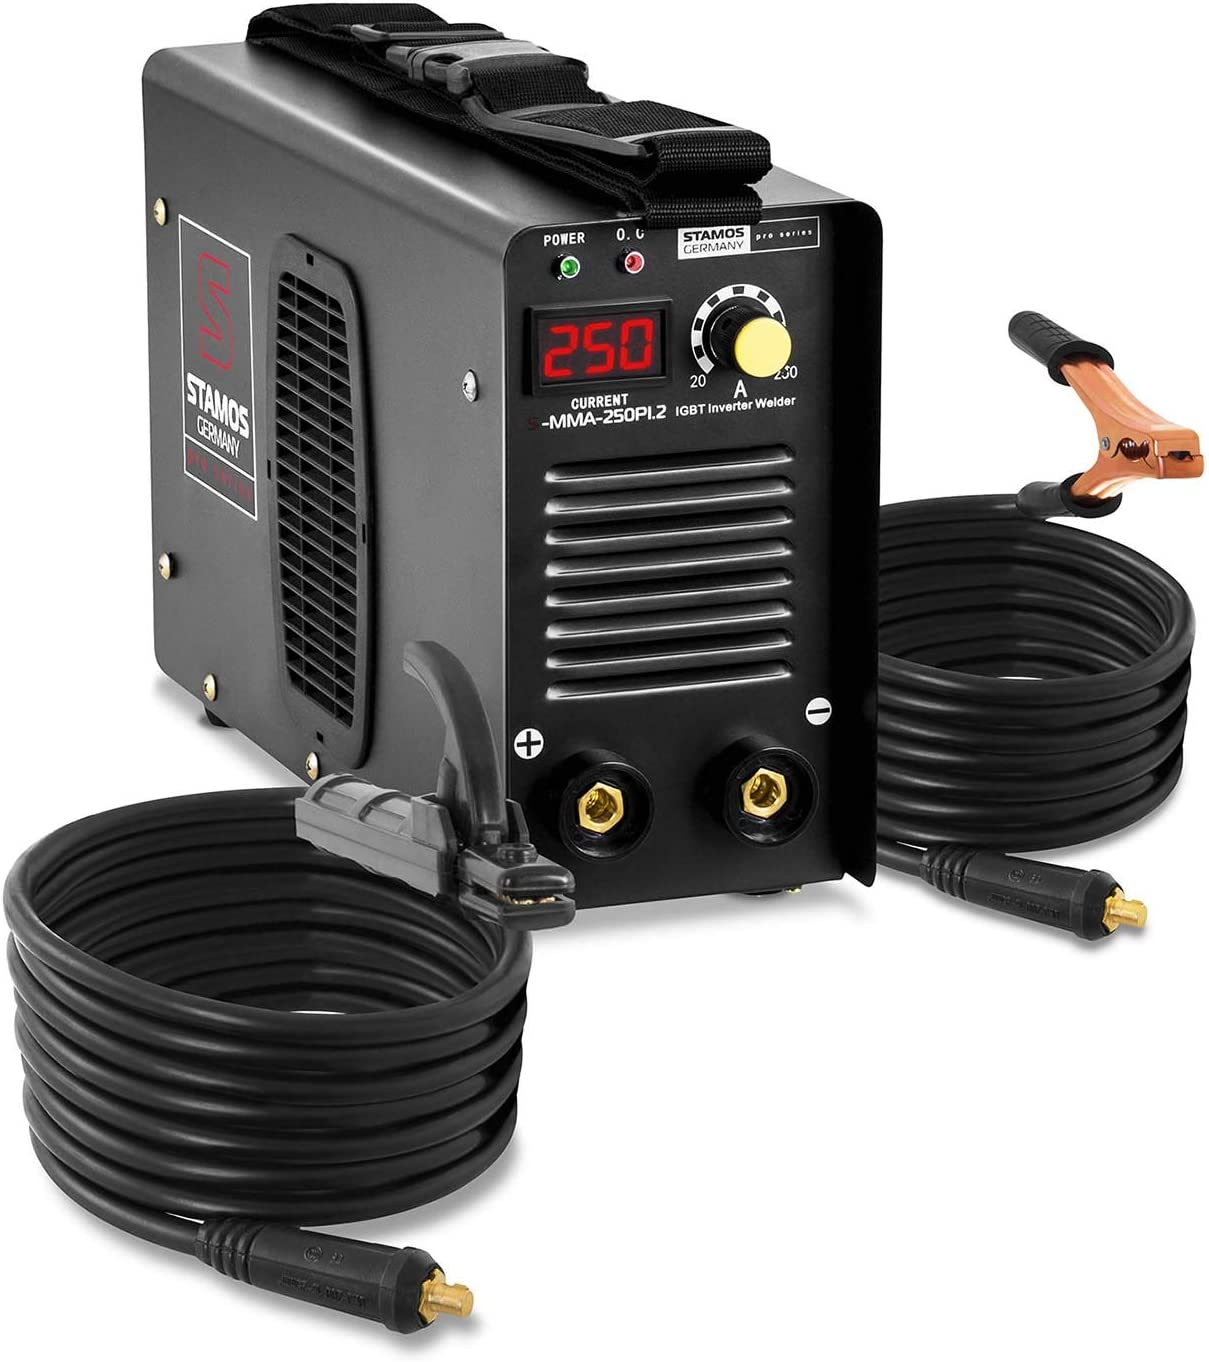 Stamos Germany Soldador Inverter Soldadora Equipo de Soldadura Electrodo MMA (250 A, Cables de soldadura de 8 m, Hot Start, Inverter IGBT, Electrodos de hasta Ø5 mm) PRO